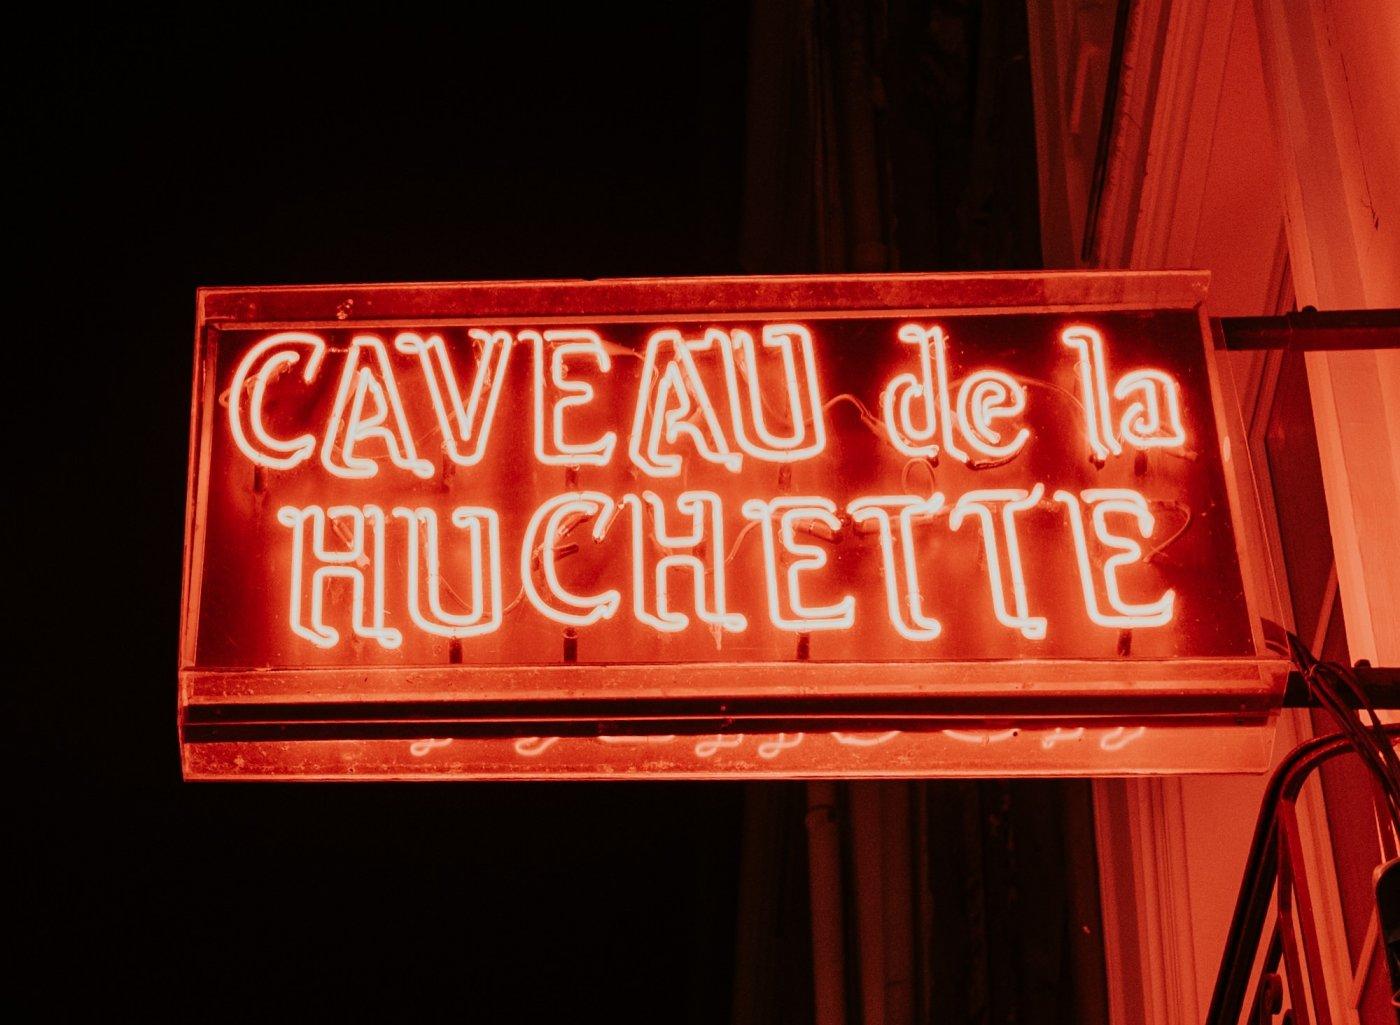 Enseigne lumineuse du Caveau de la Huchette